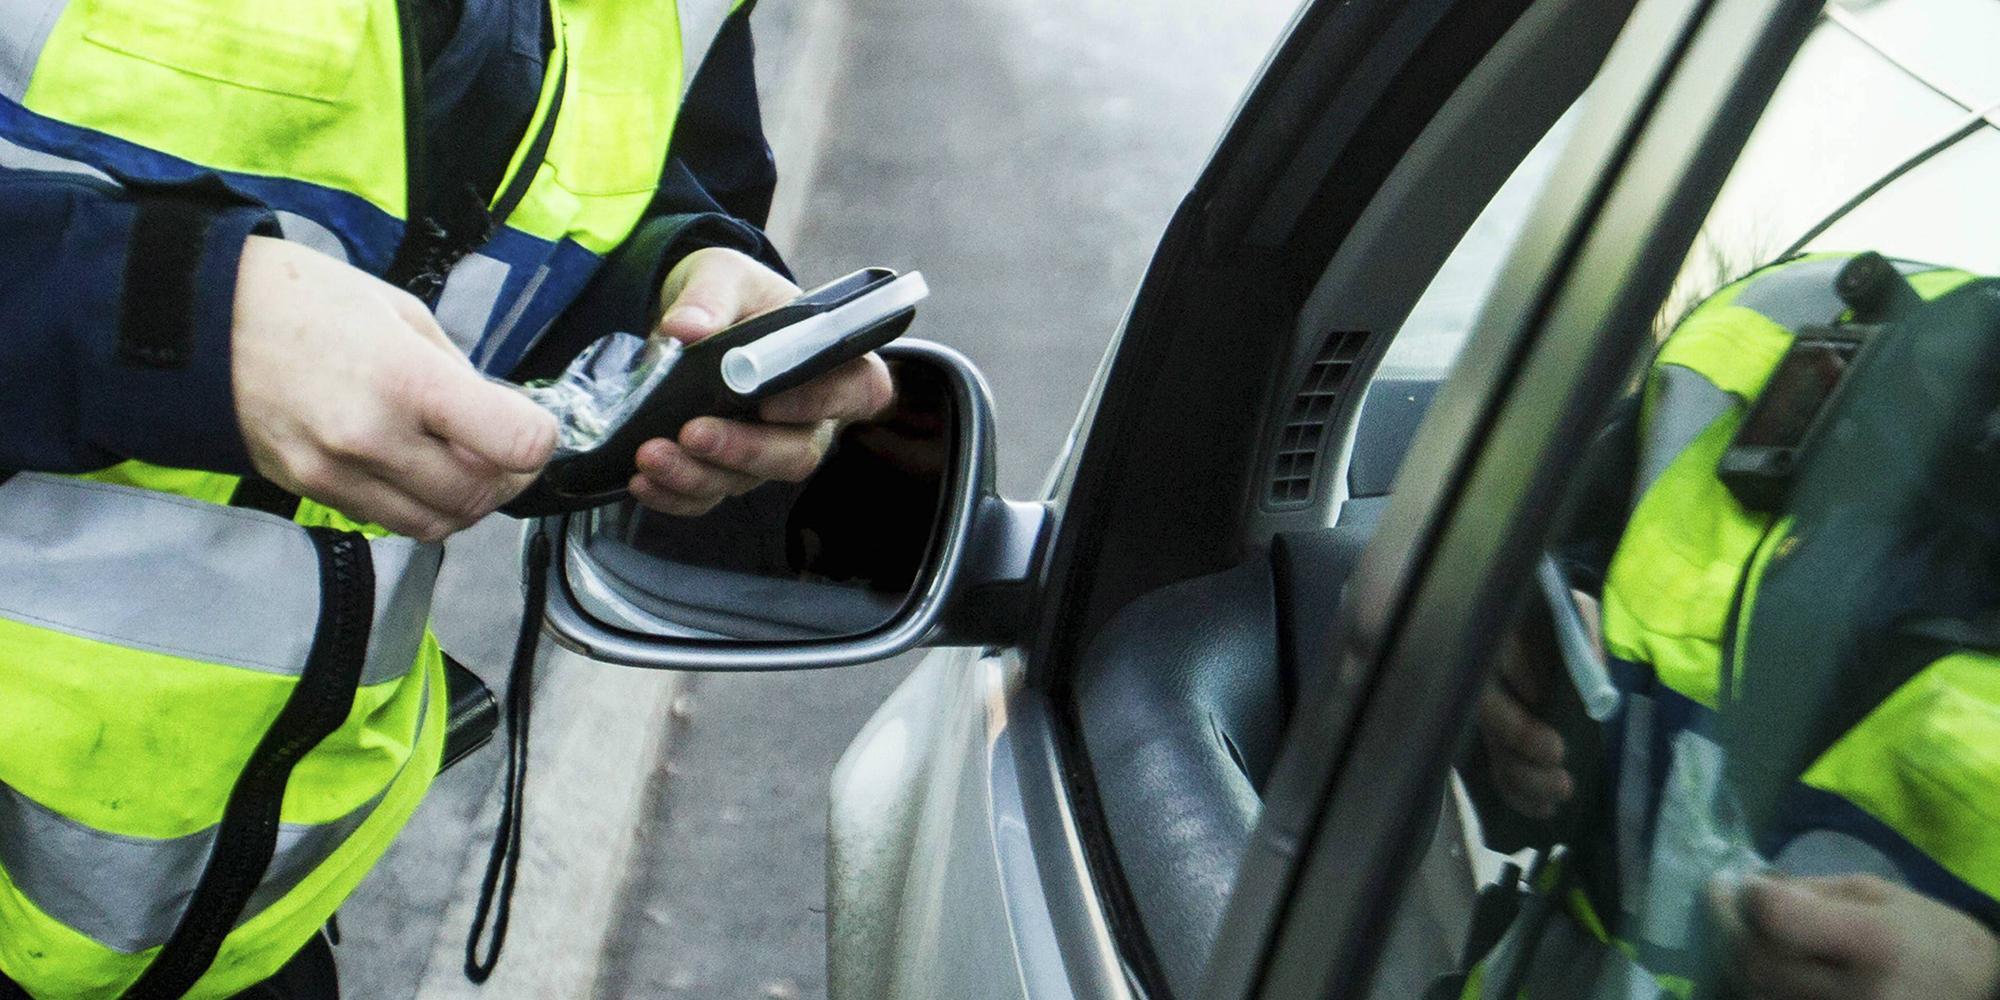 Flera förare bötfällda under dagens trafikkontroller – en blåste positivt men misstänks inte för brott